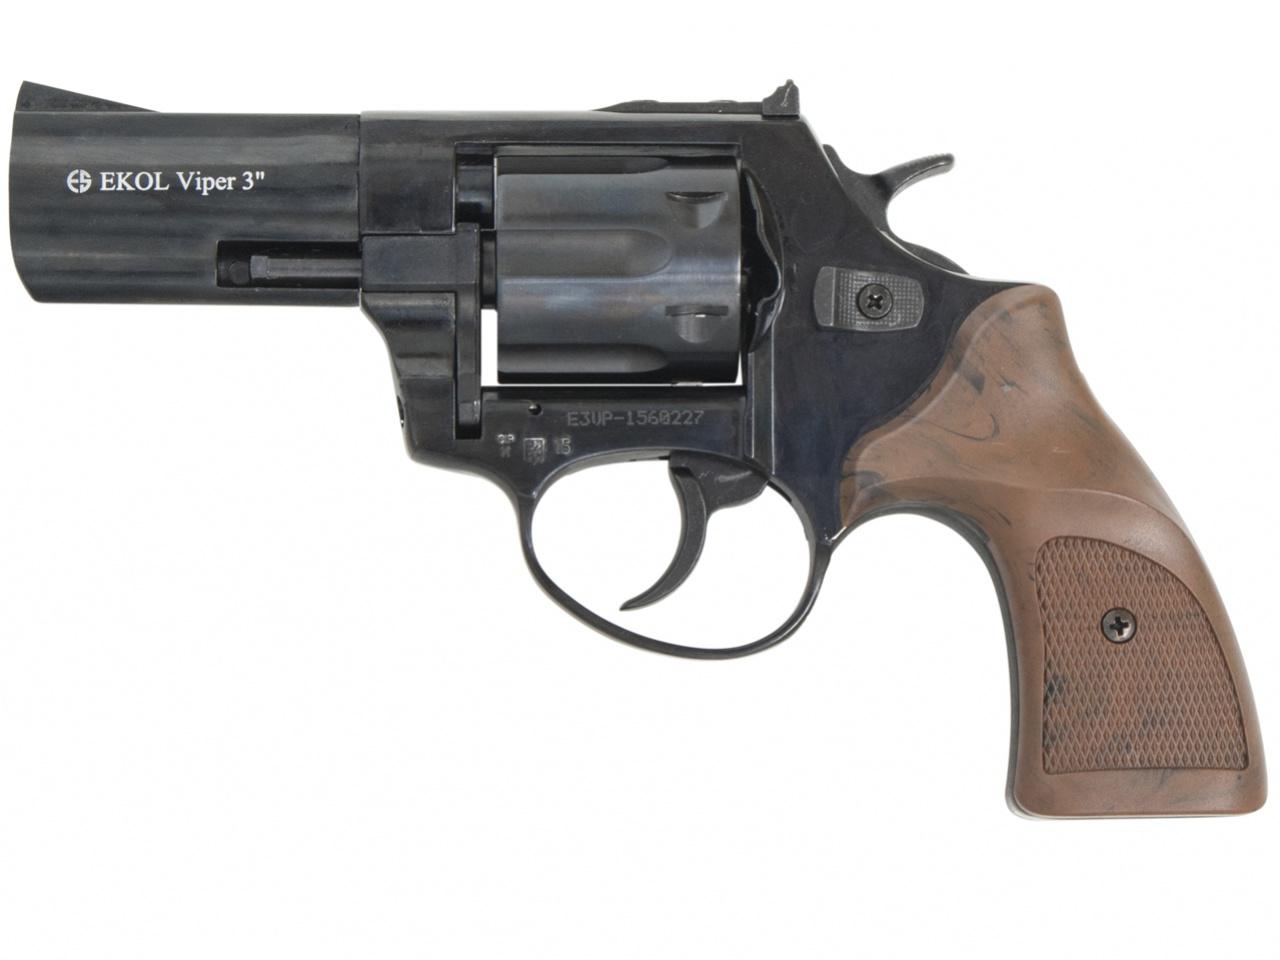 Plynový revolver Ekol Viper 3